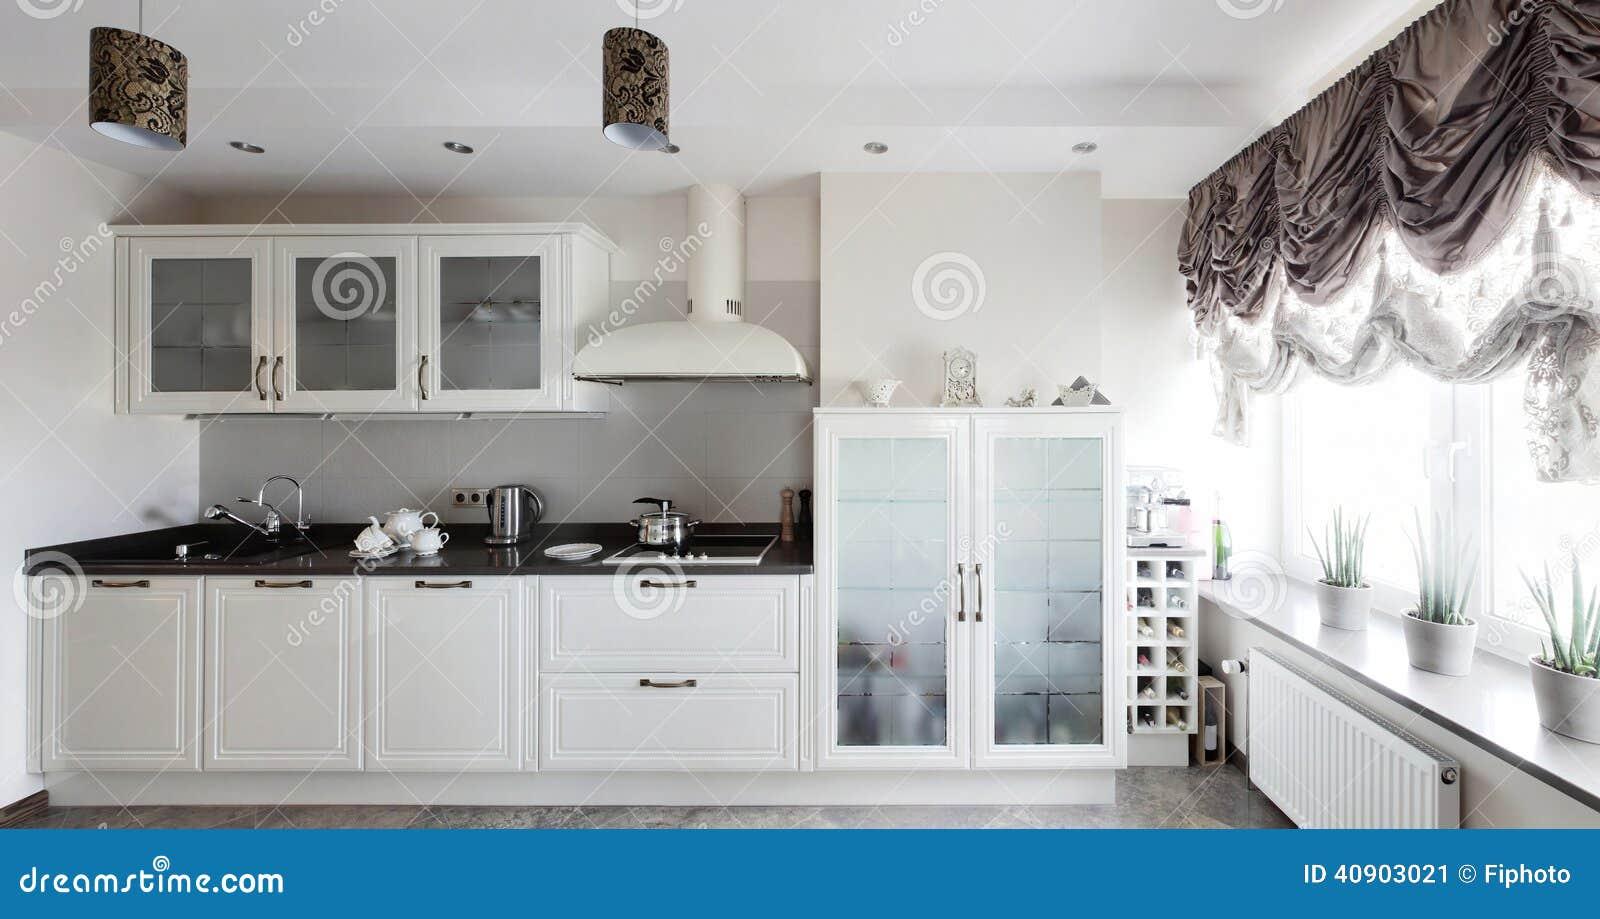 Interieur cuisine moderne maison design for Interieur cuisine moderne